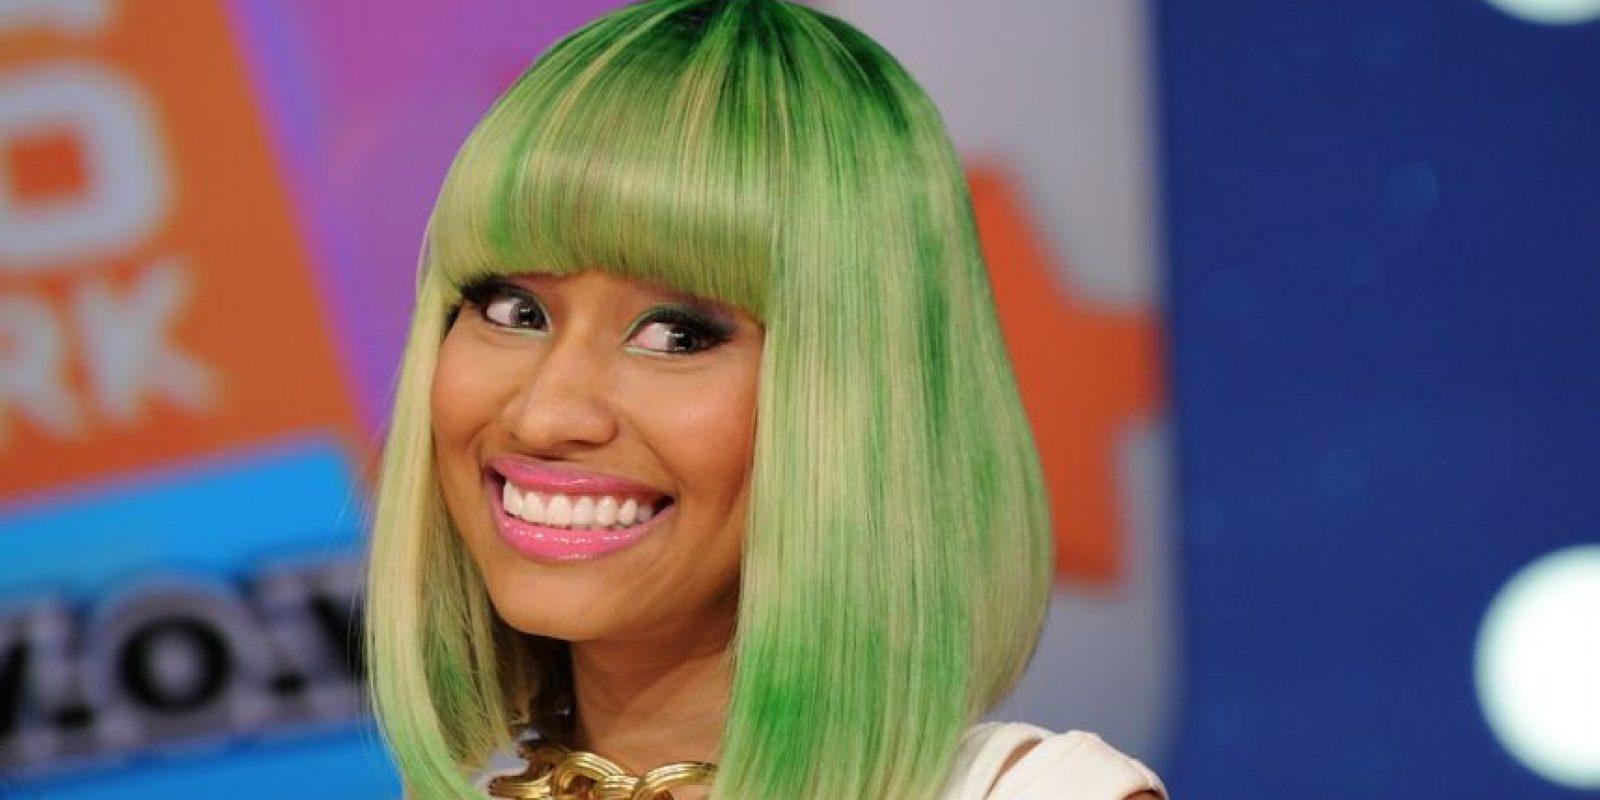 La rapera ha sido criticada por sus pelucas de colores extravagantes. Foto:Getty Images